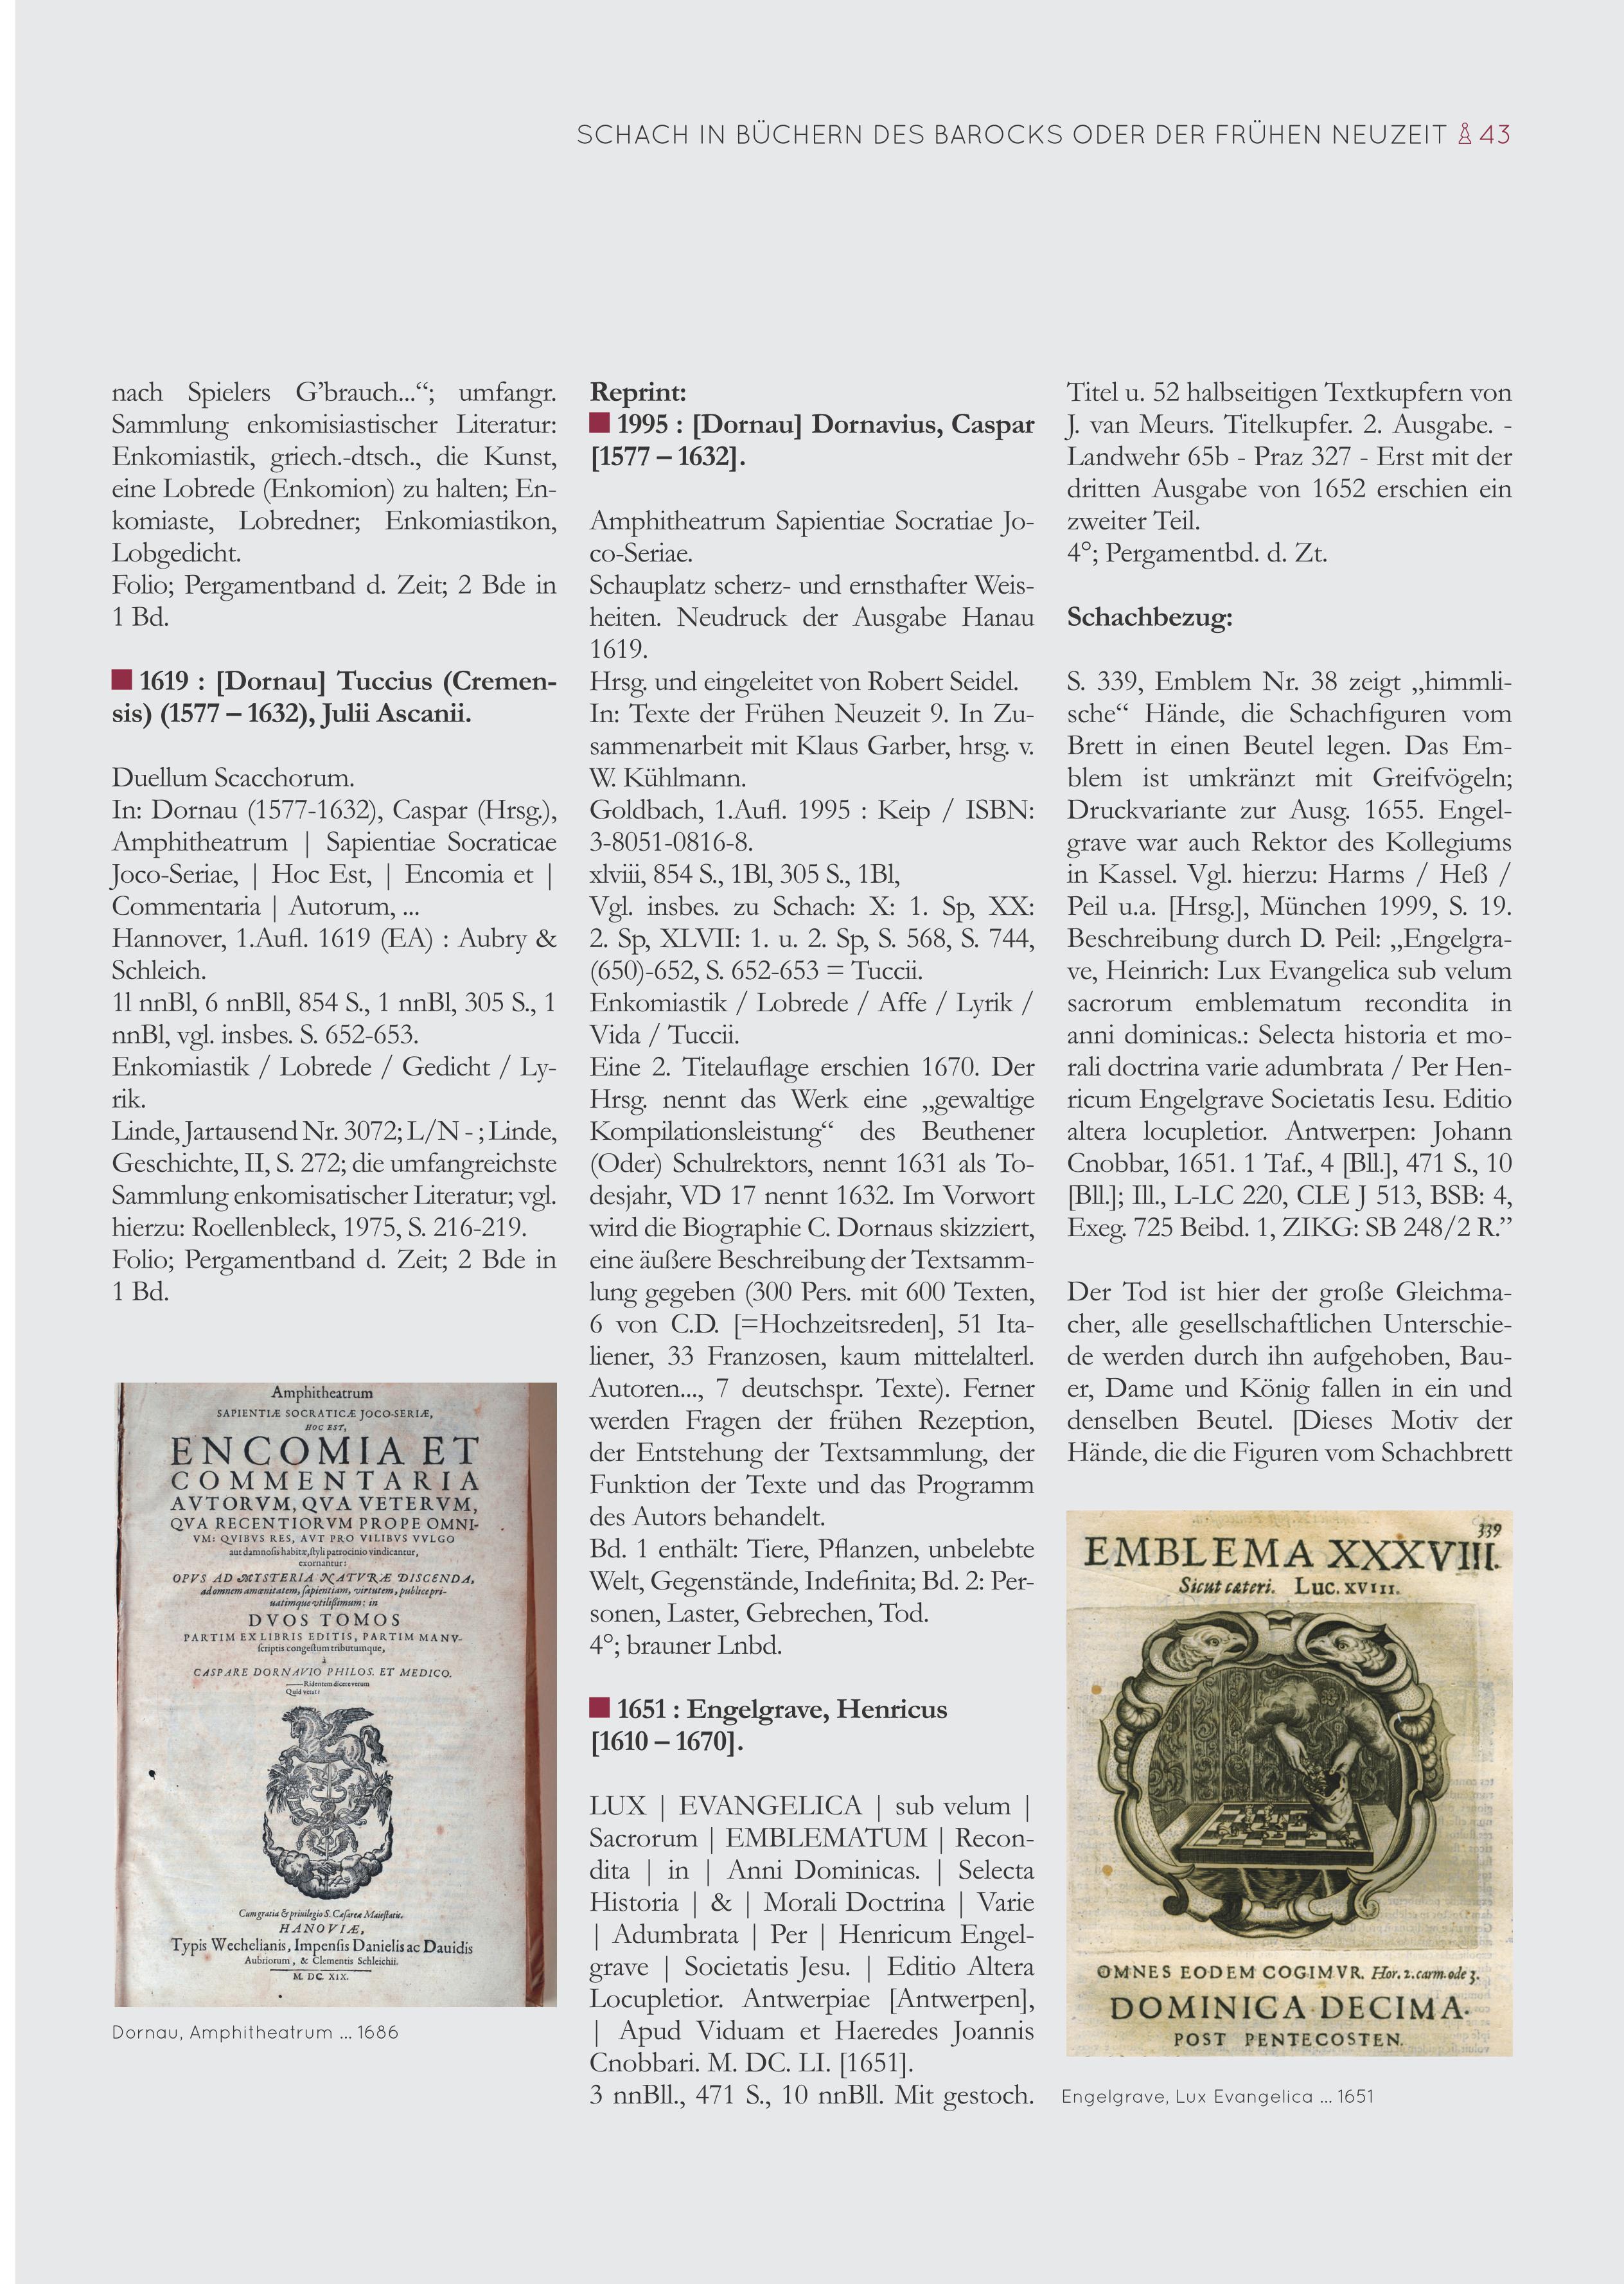 Schachhistoriker Siegfried Schönle fahndete umfangreich und wissenschaftlich exakt dokumentiert nach Spuren und Belegen zum Schachspiel in Drucken aus dem 17. Jahrhundert